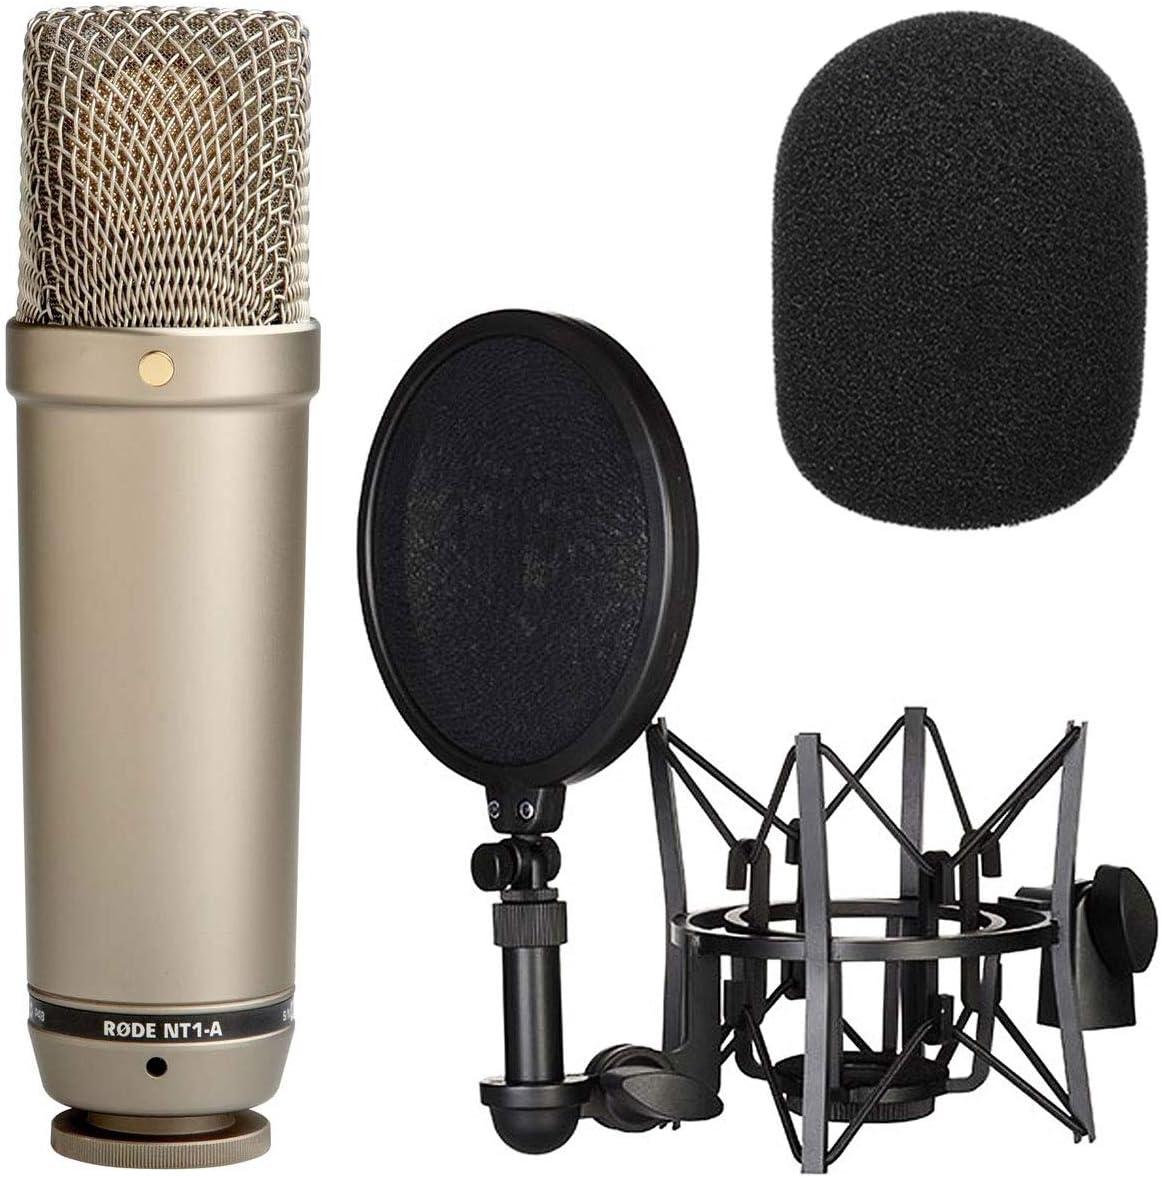 Rode NT1-A - Kit de grabación vocal, incluye protector contra el viento de espuma WS2